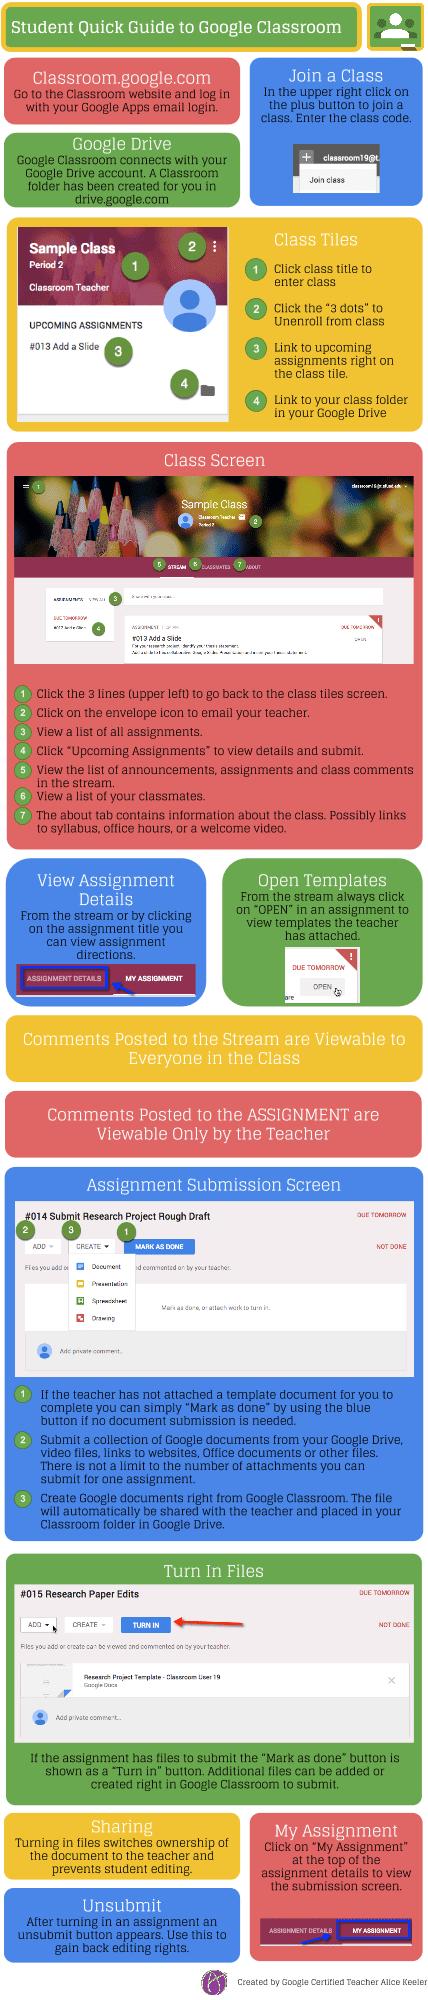 Google Classroom: Student Quick-Sheet Guide - Teacher Tech